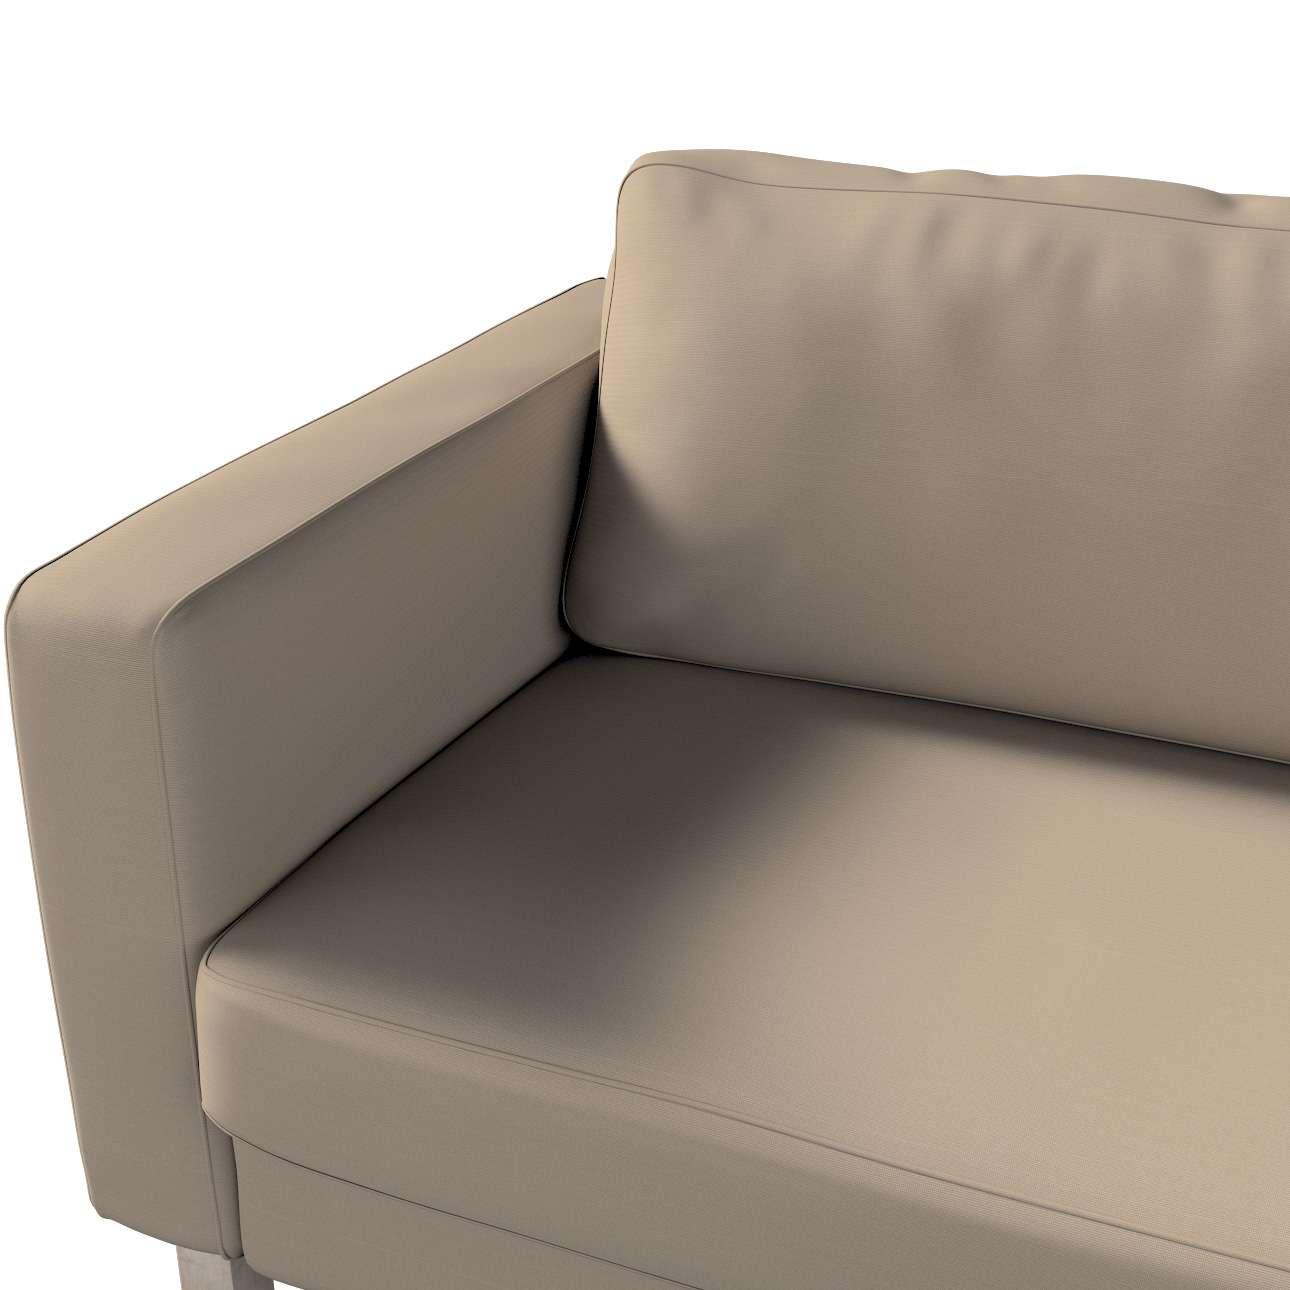 Pokrowiec na sofę Karlstad 3-osobową nierozkładaną, krótki w kolekcji Cotton Panama, tkanina: 702-28